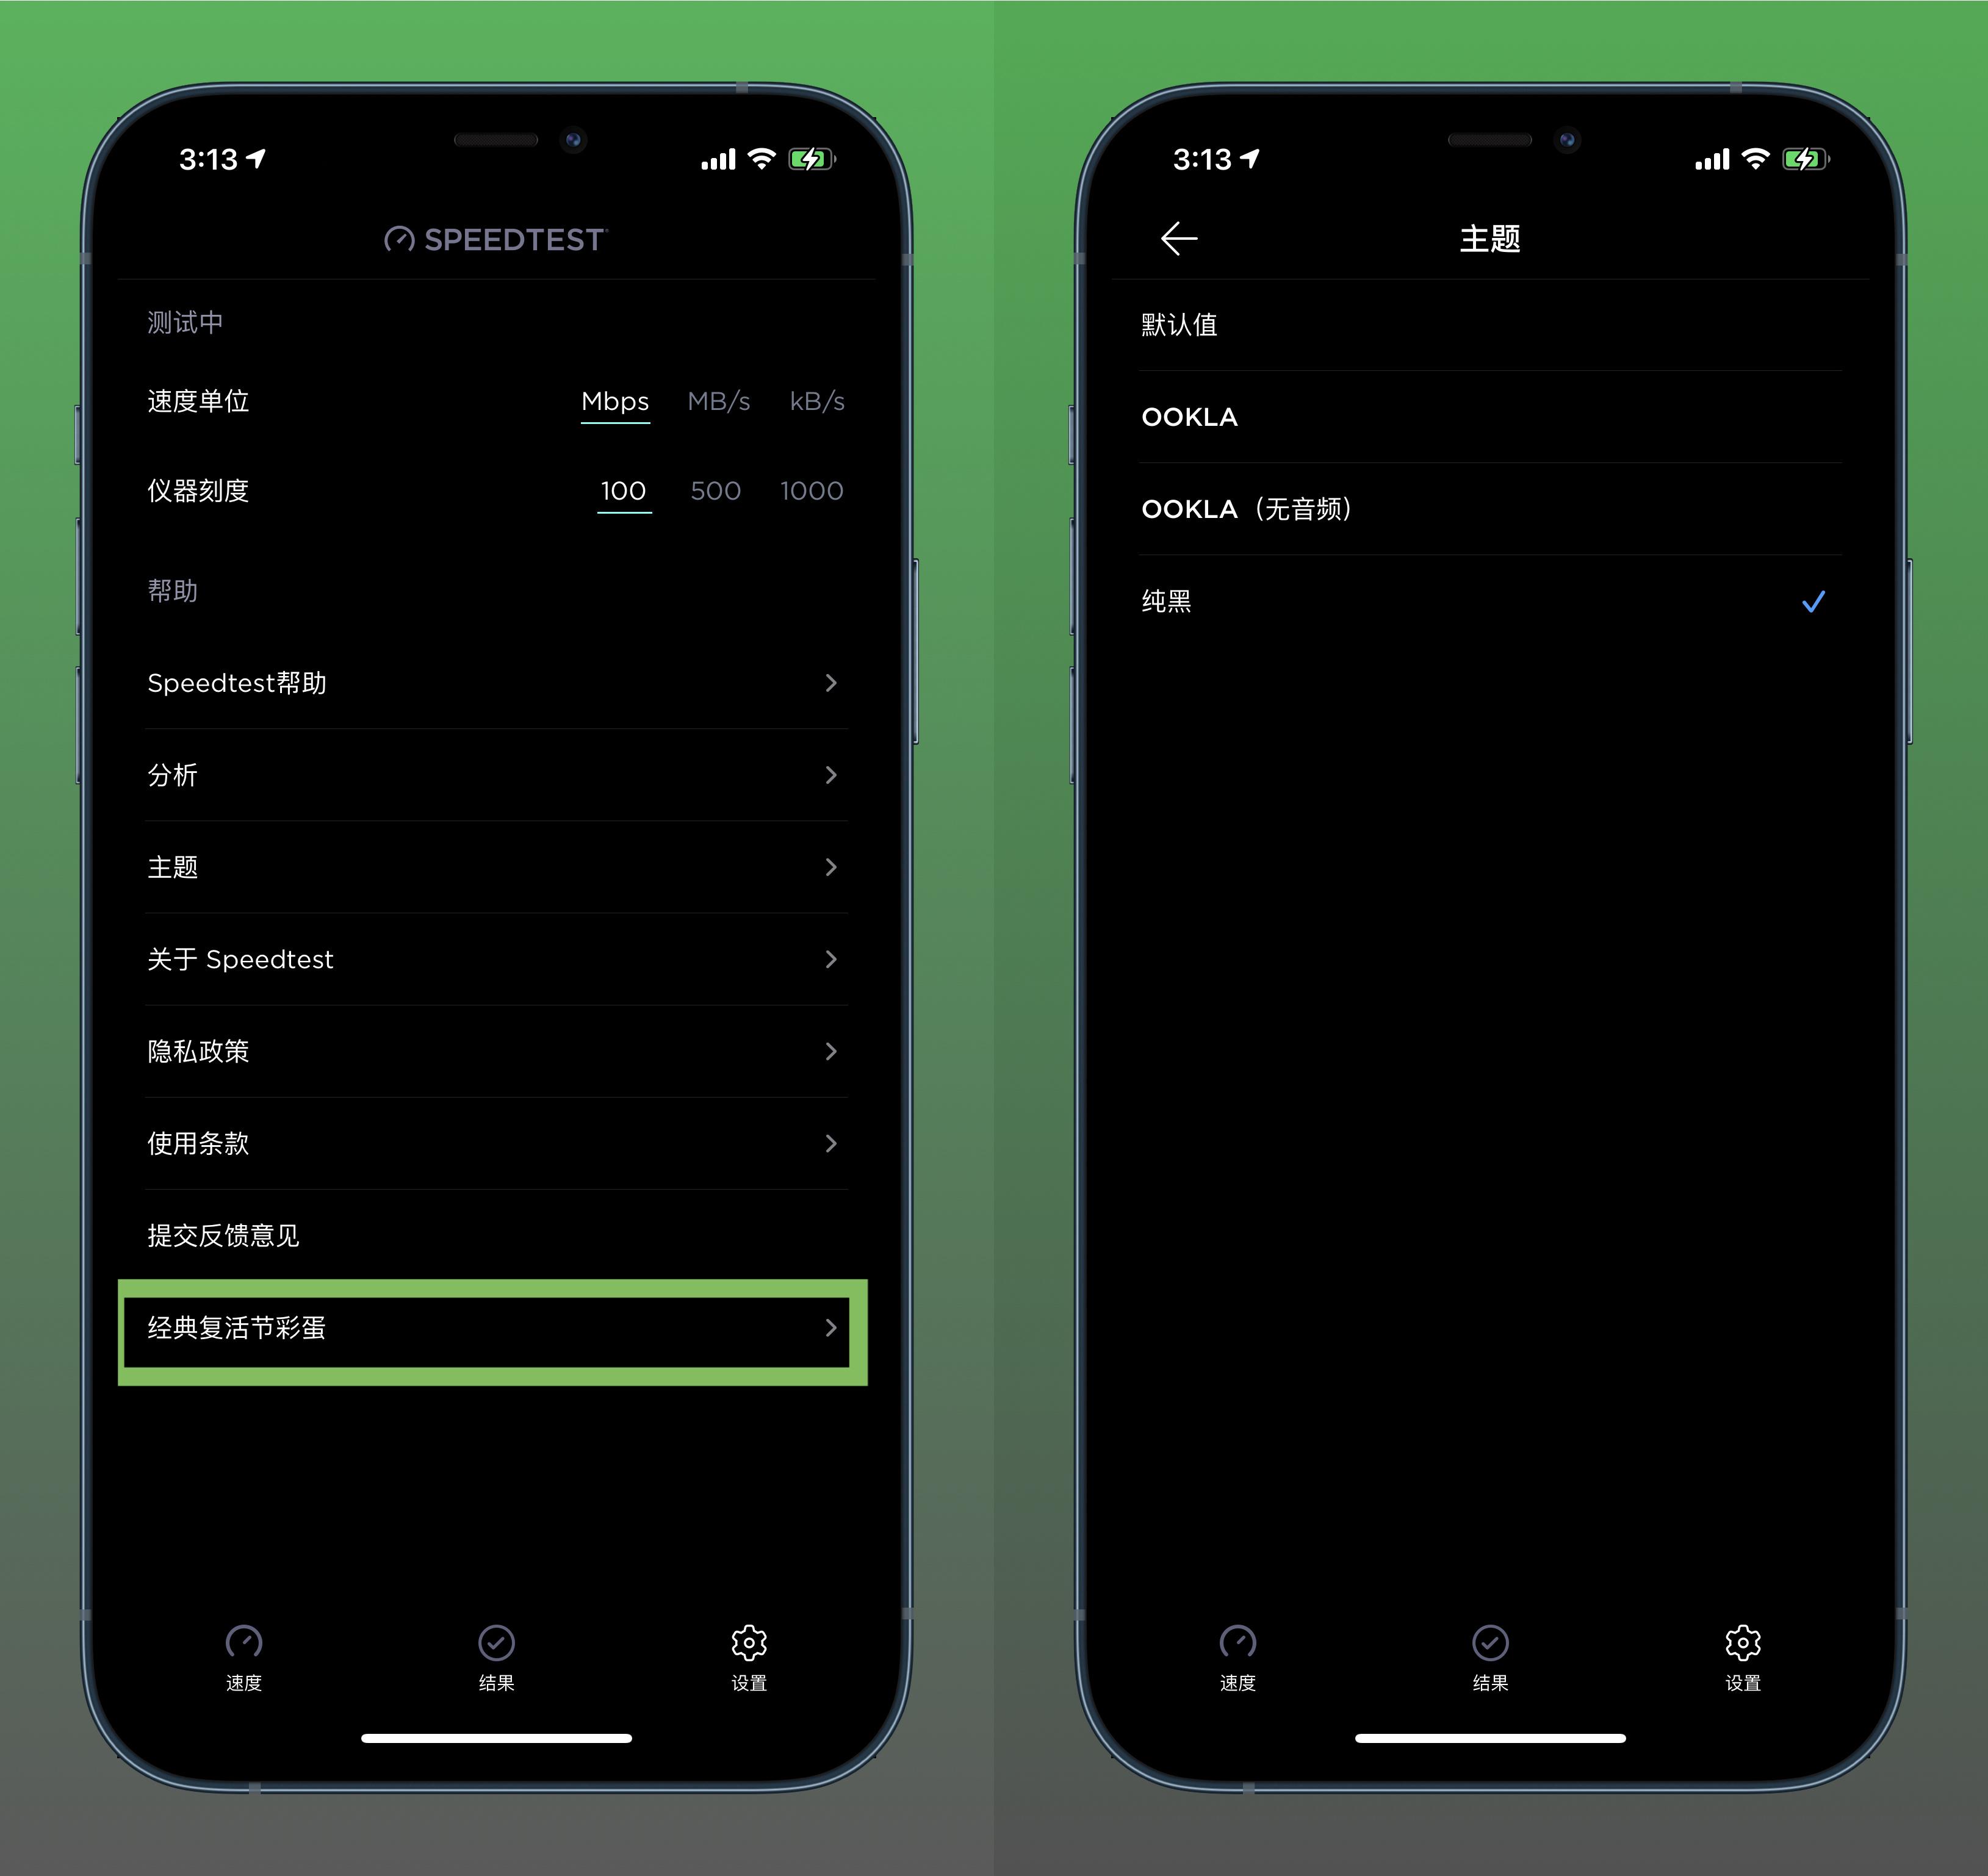 测速佼佼者 SpeedTest 重新上架国区App Store截图